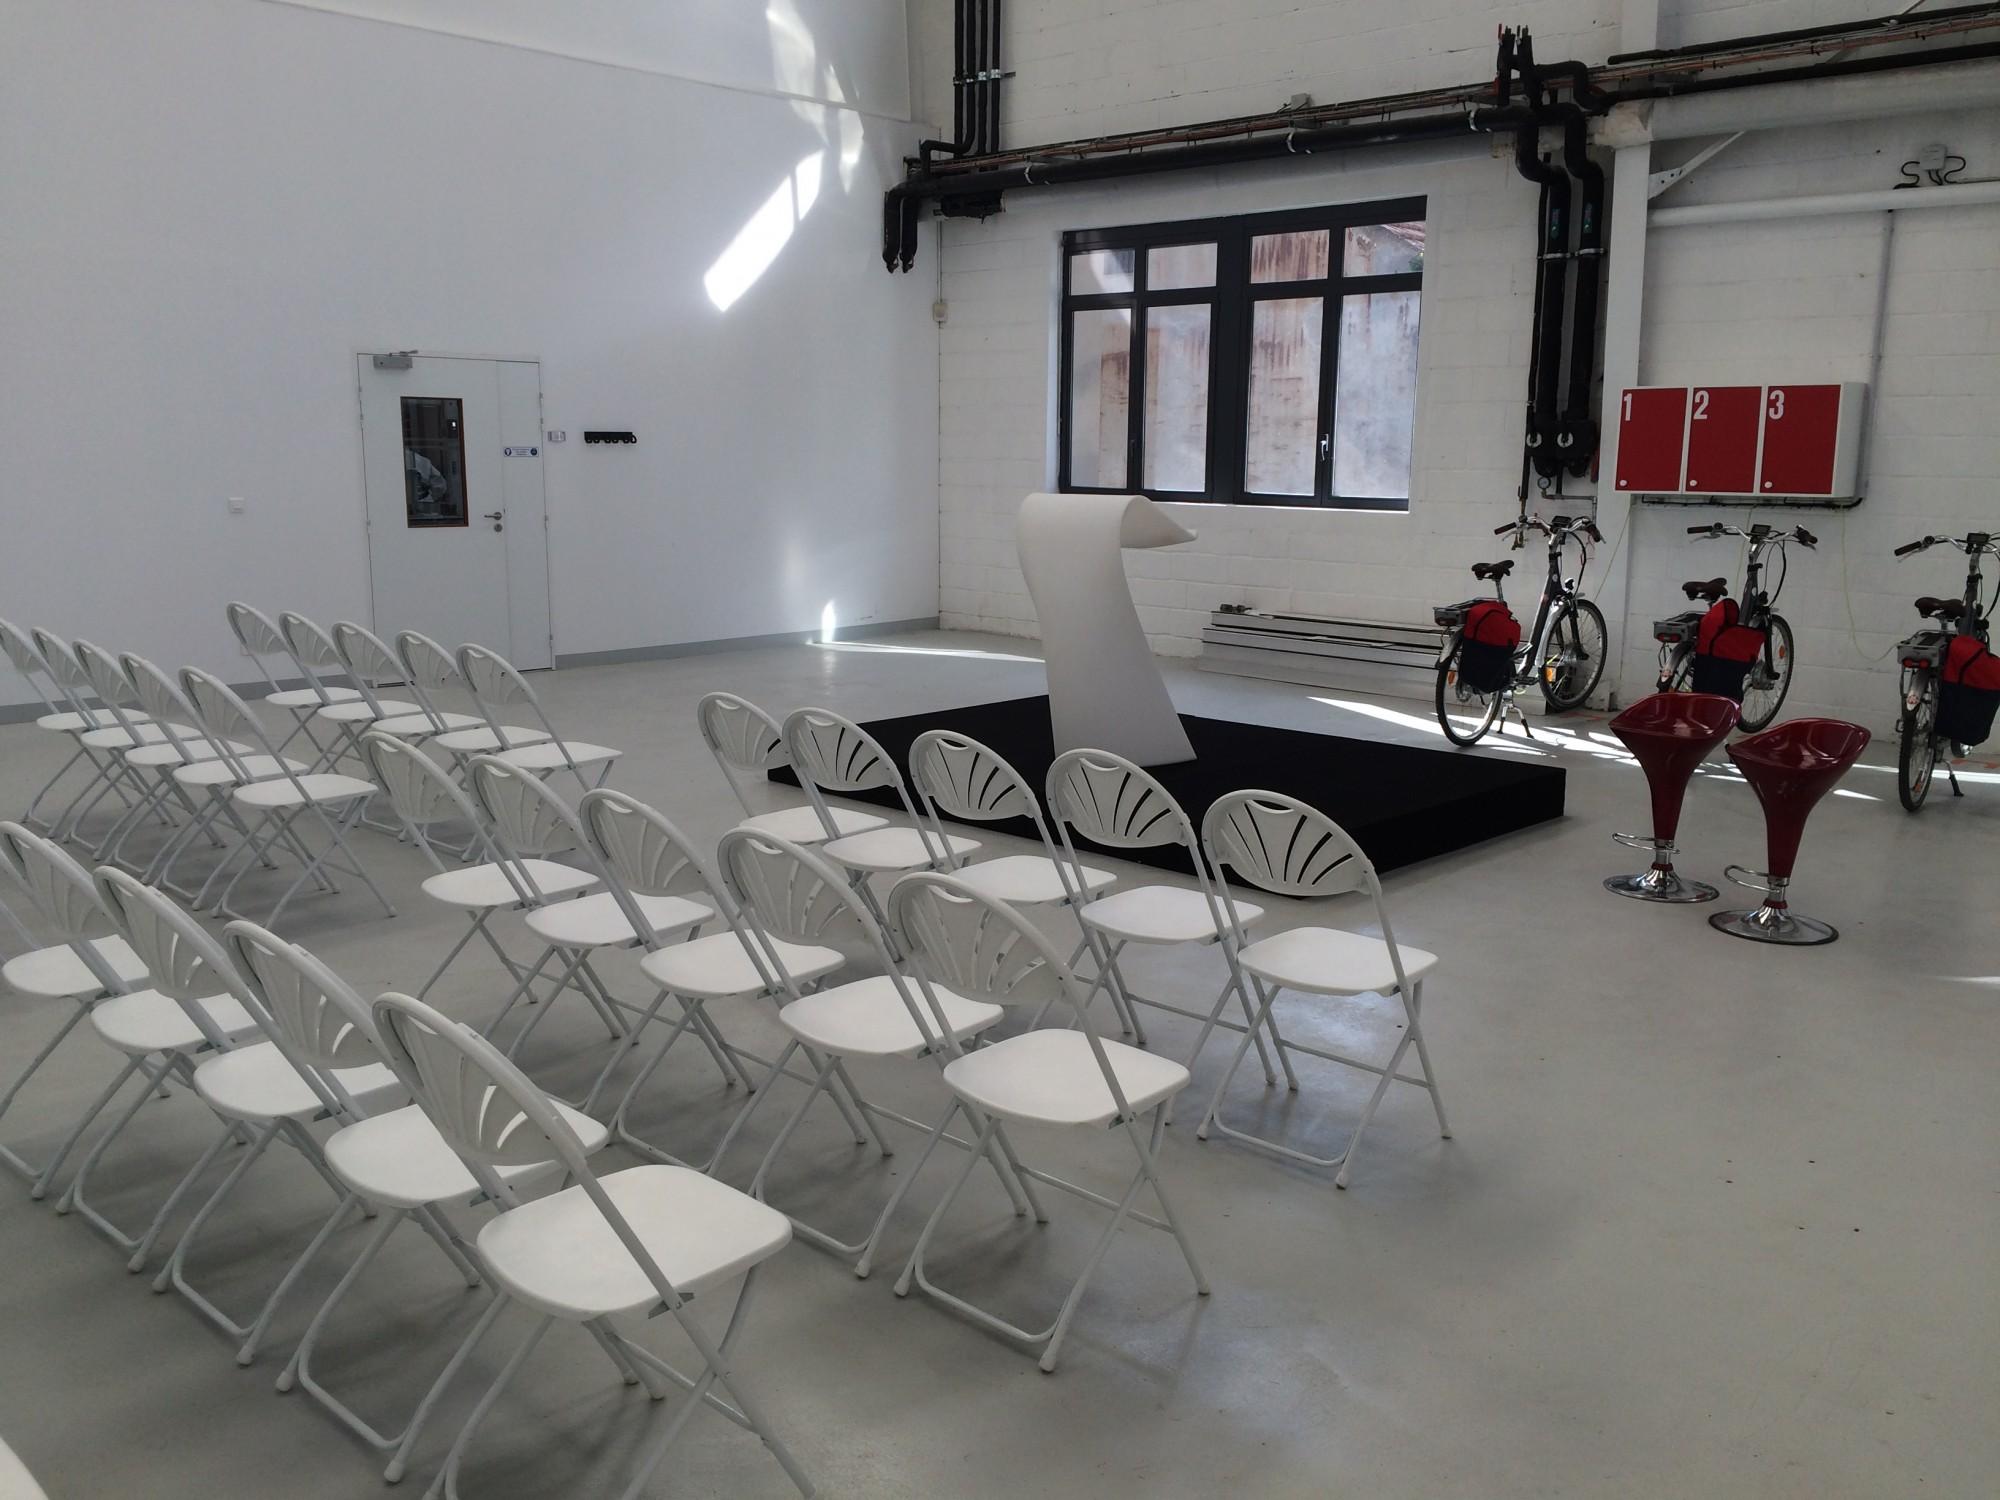 mise en place de chaises d 39 estrades et d 39 un pupitre lumineux pour une conf rence en r gion. Black Bedroom Furniture Sets. Home Design Ideas